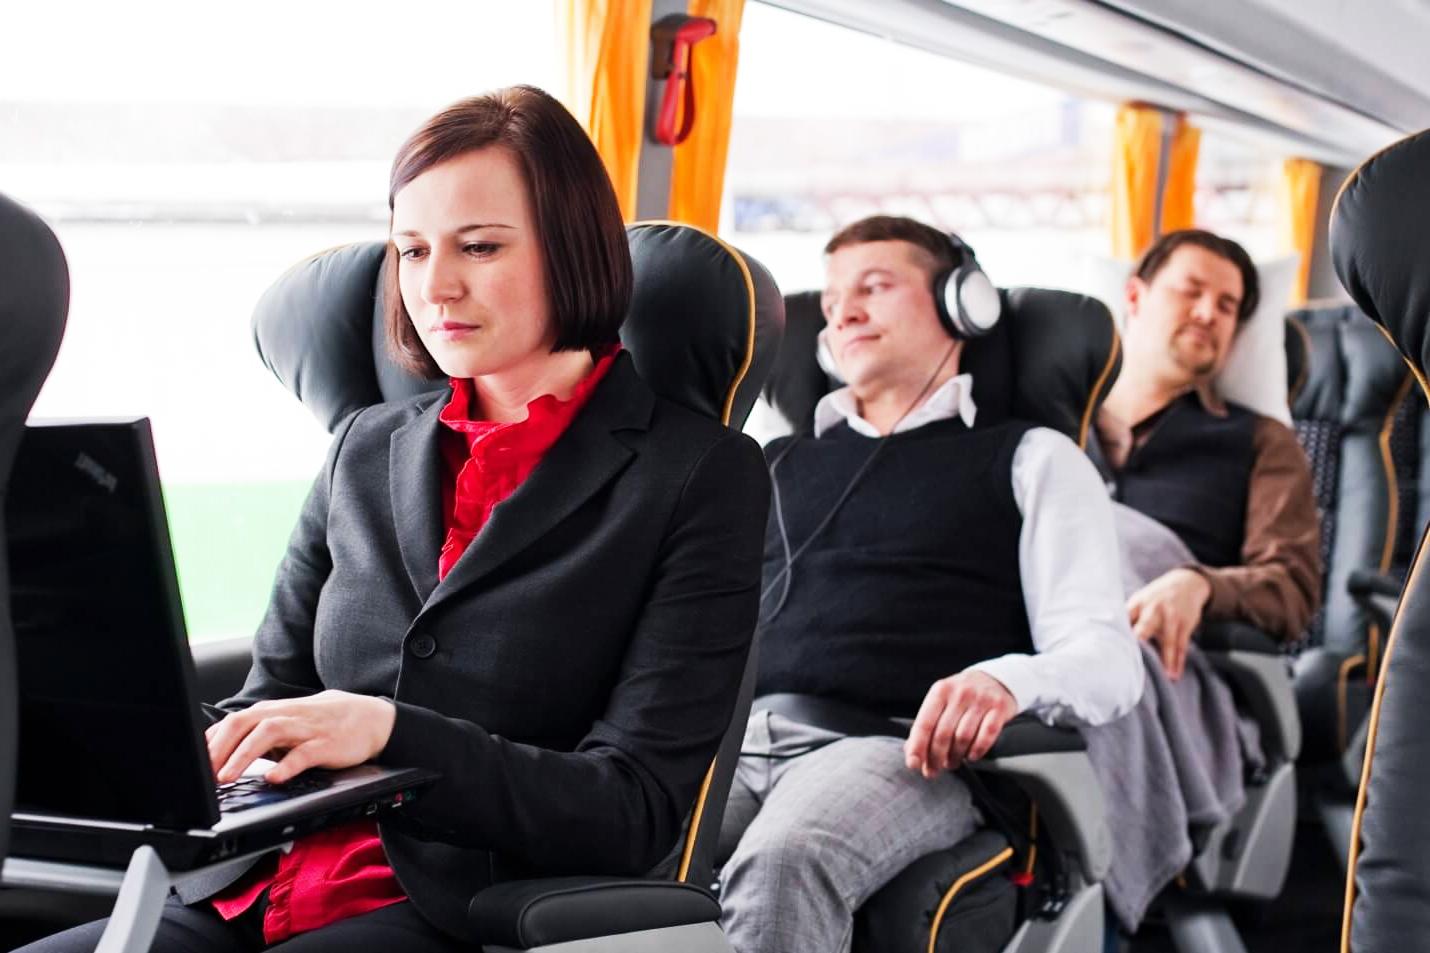 Кому нужна лицензия на перевозку пассажиров с 1 марта 2019 года?